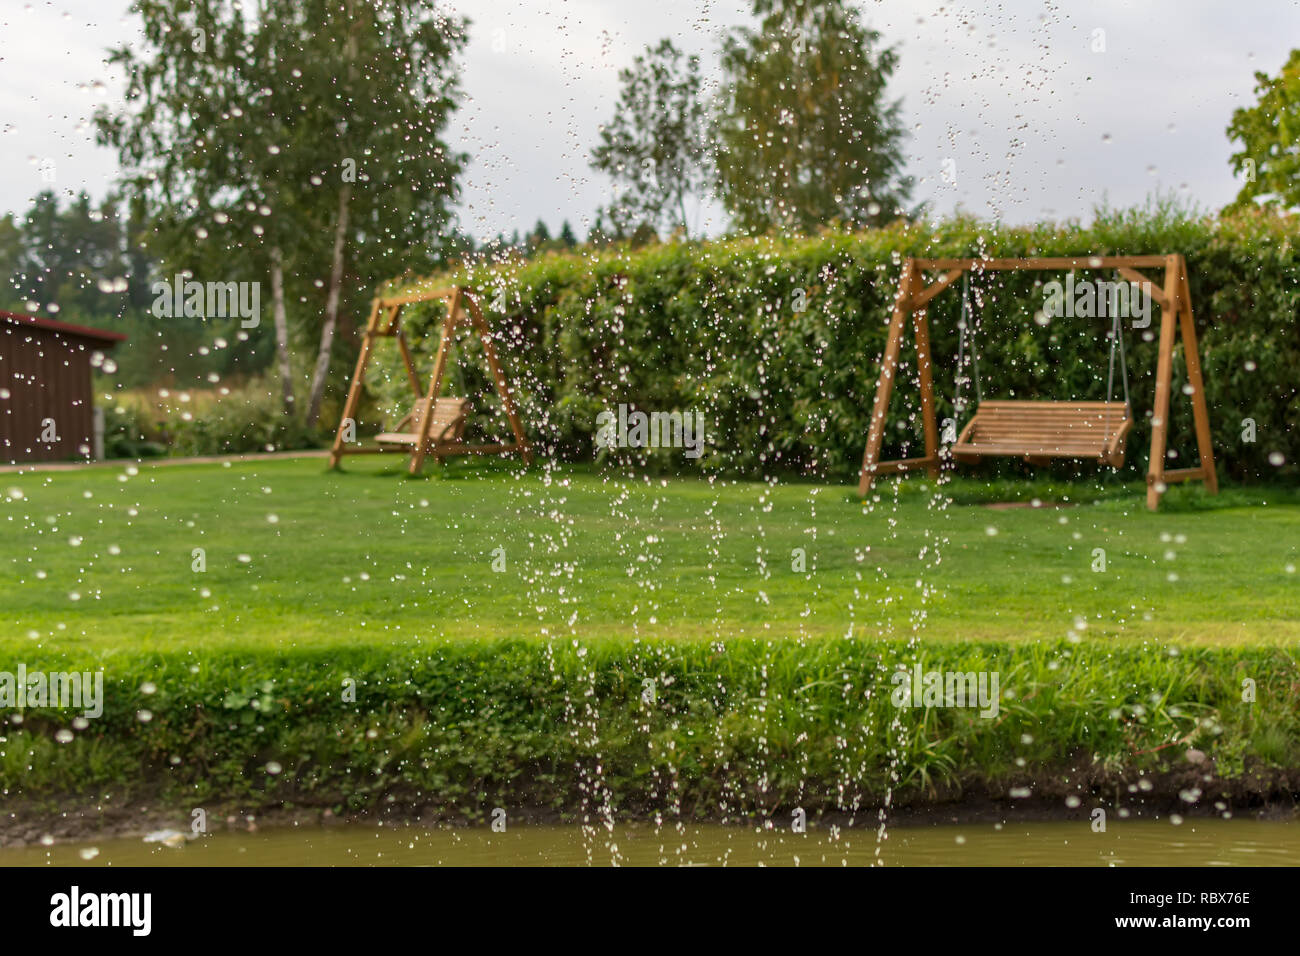 Zwei Holz- swing Bänke im Garten mit Wassertropfen im Vordergrund ...